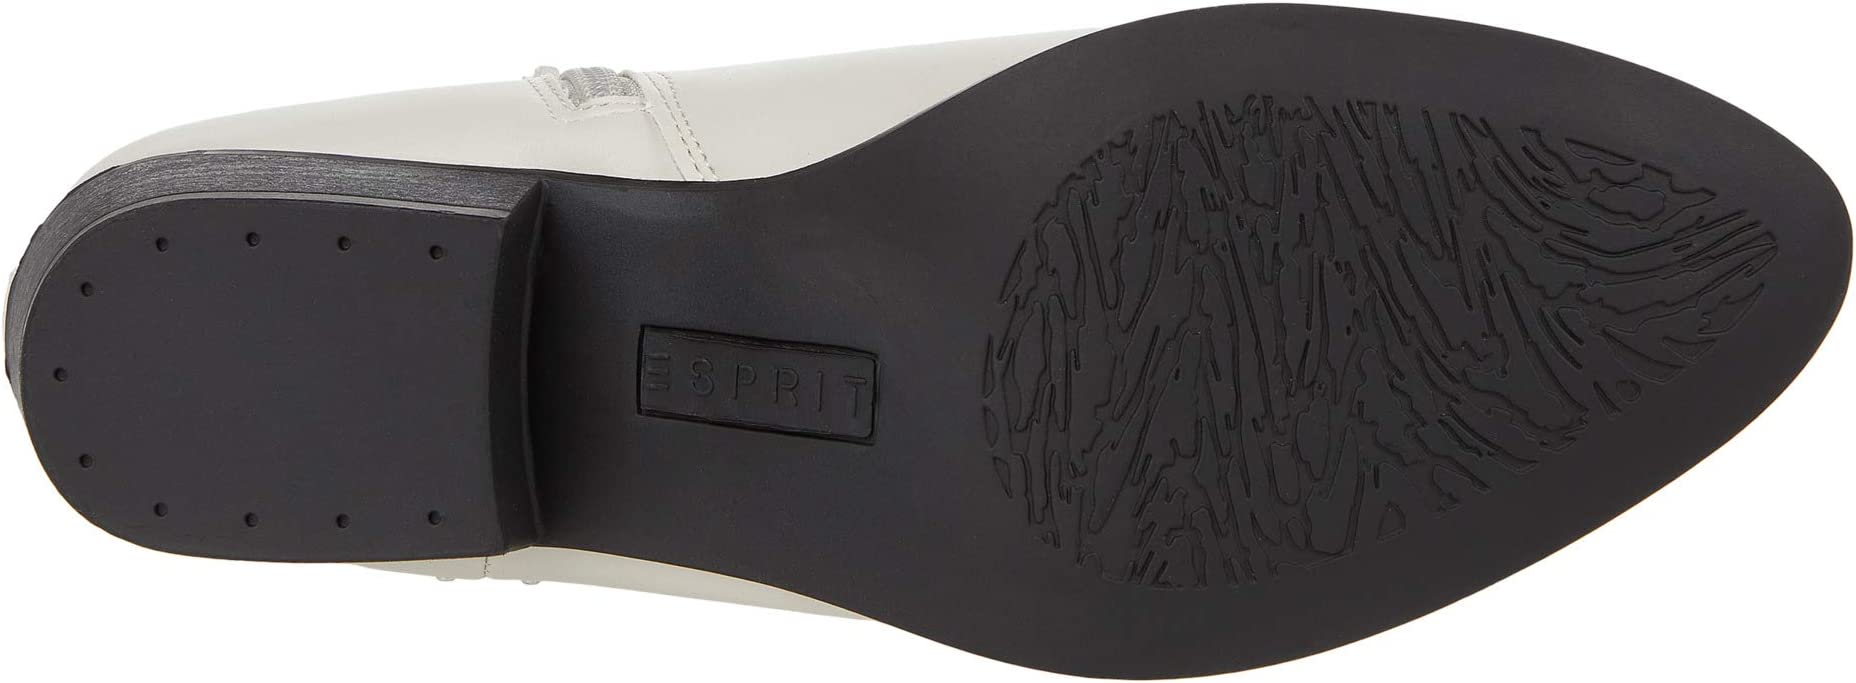 Esprit Tierra   Women's shoes   2020 Newest